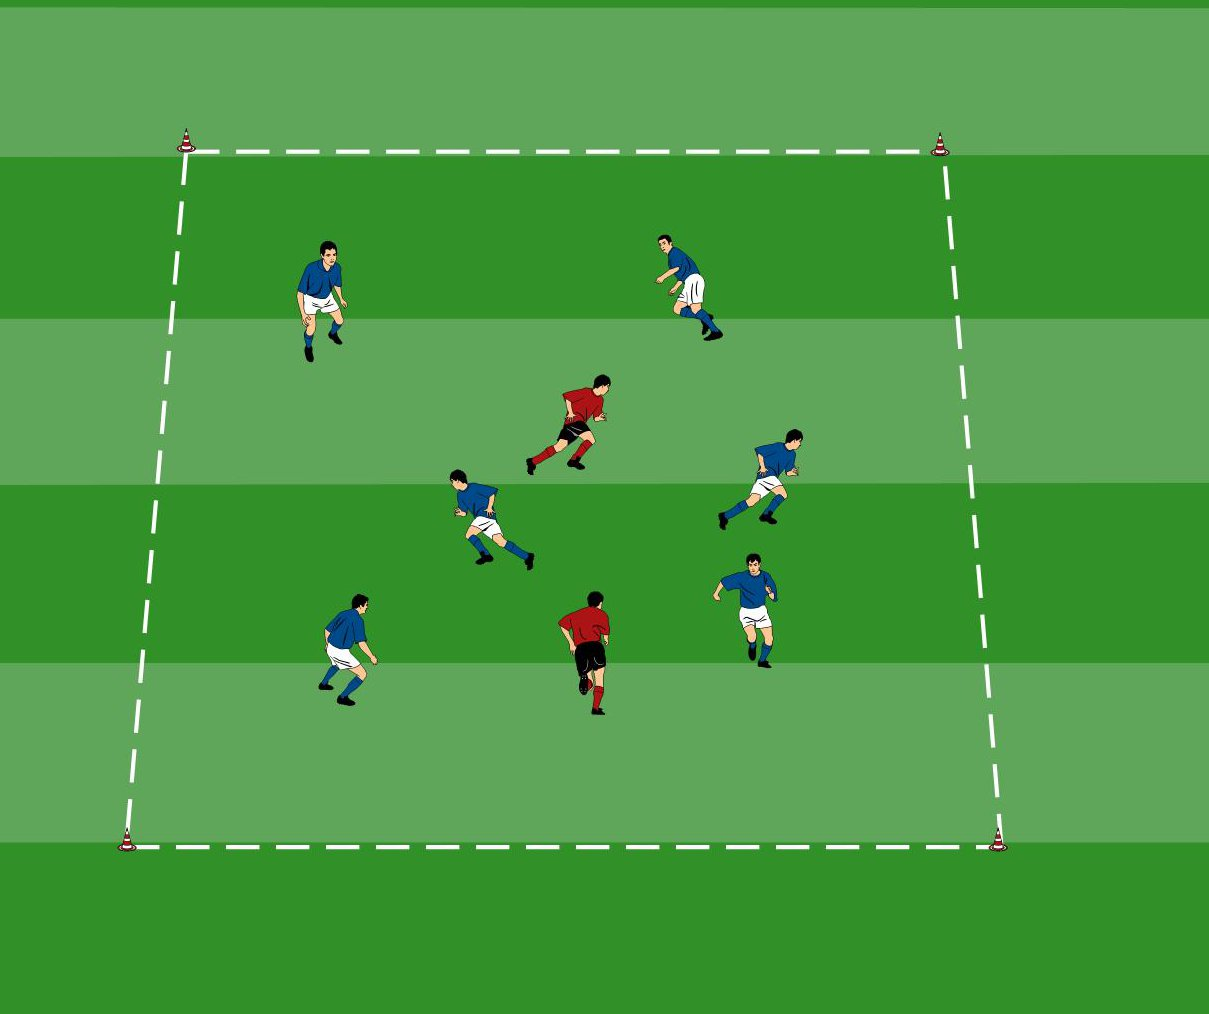 Fangspiele beim Fußball